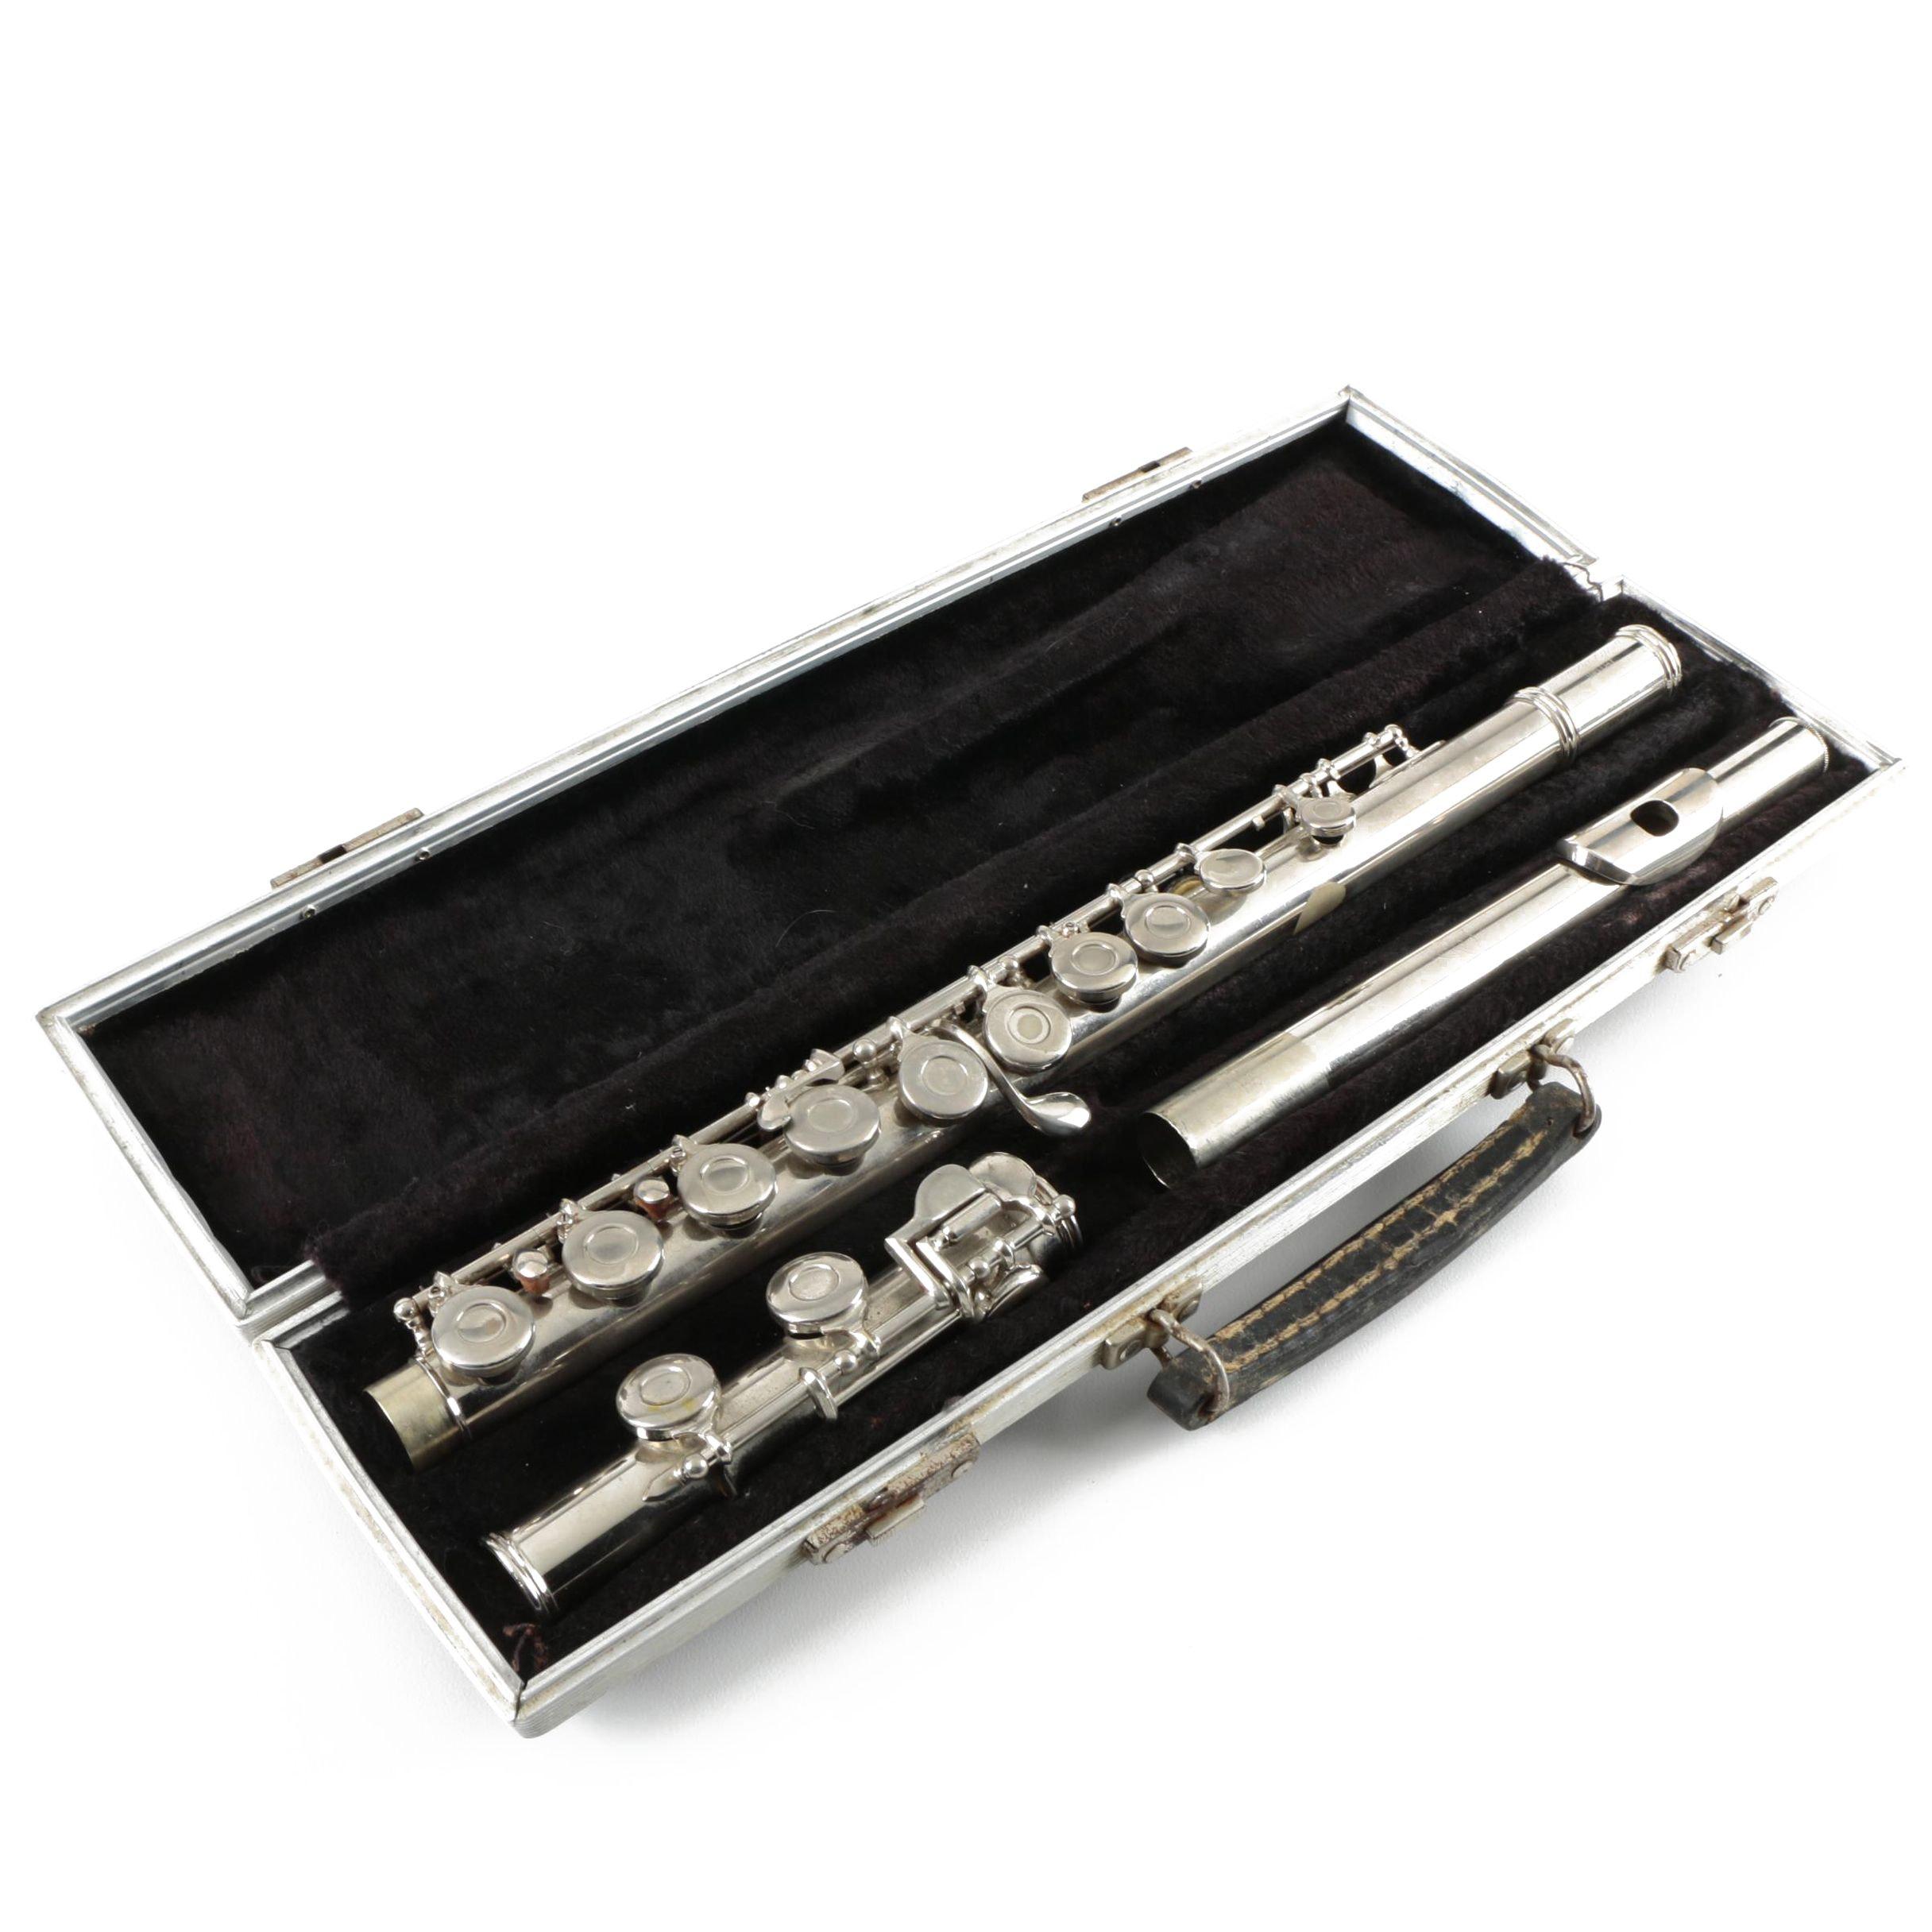 Gemeinhardt Flute With Case